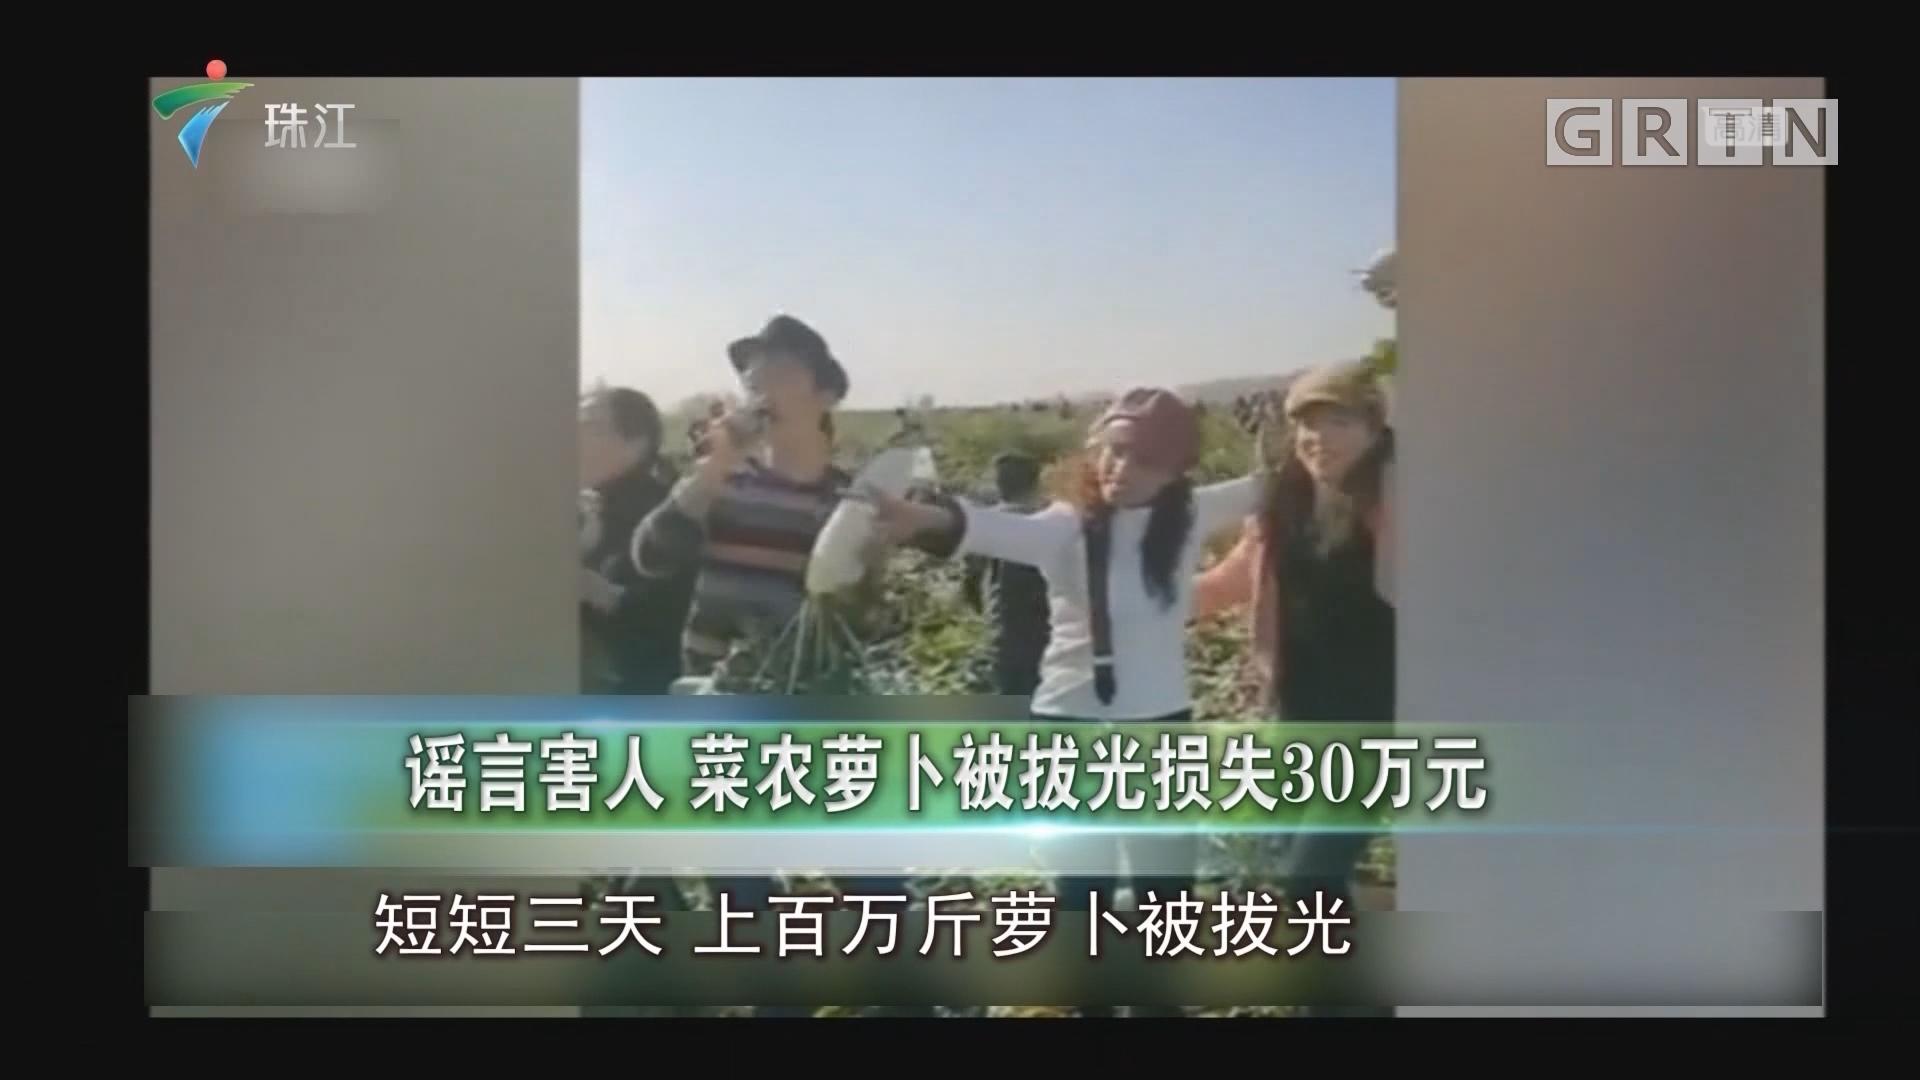 谣言害人 菜农萝卜被拔光损失30万元